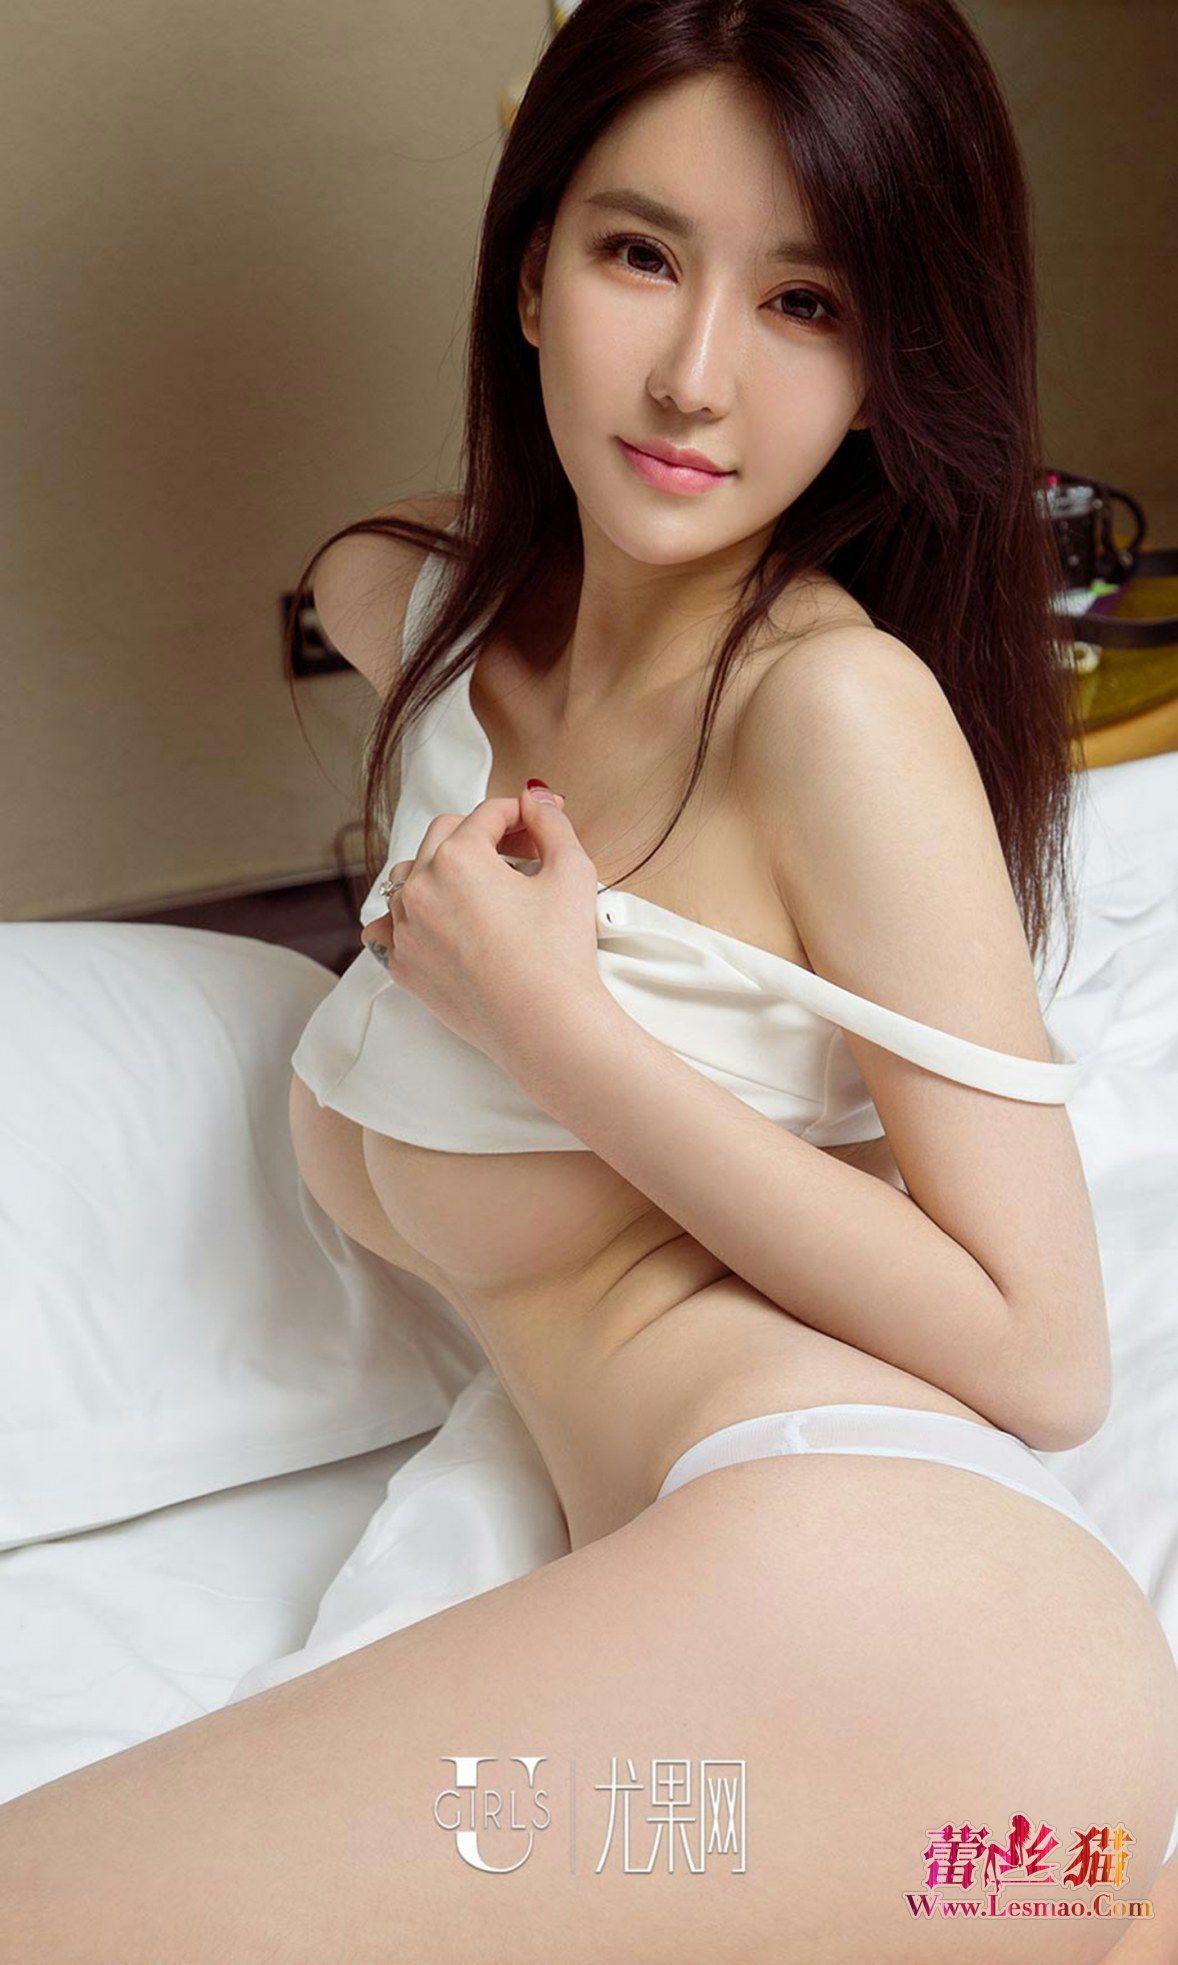 Ugirls  E7 88 B1 E5 B0 A4 E7 89 A Modo  E6 96 Bd E8 Af 97 4 Korean Beauty Asian Beauty